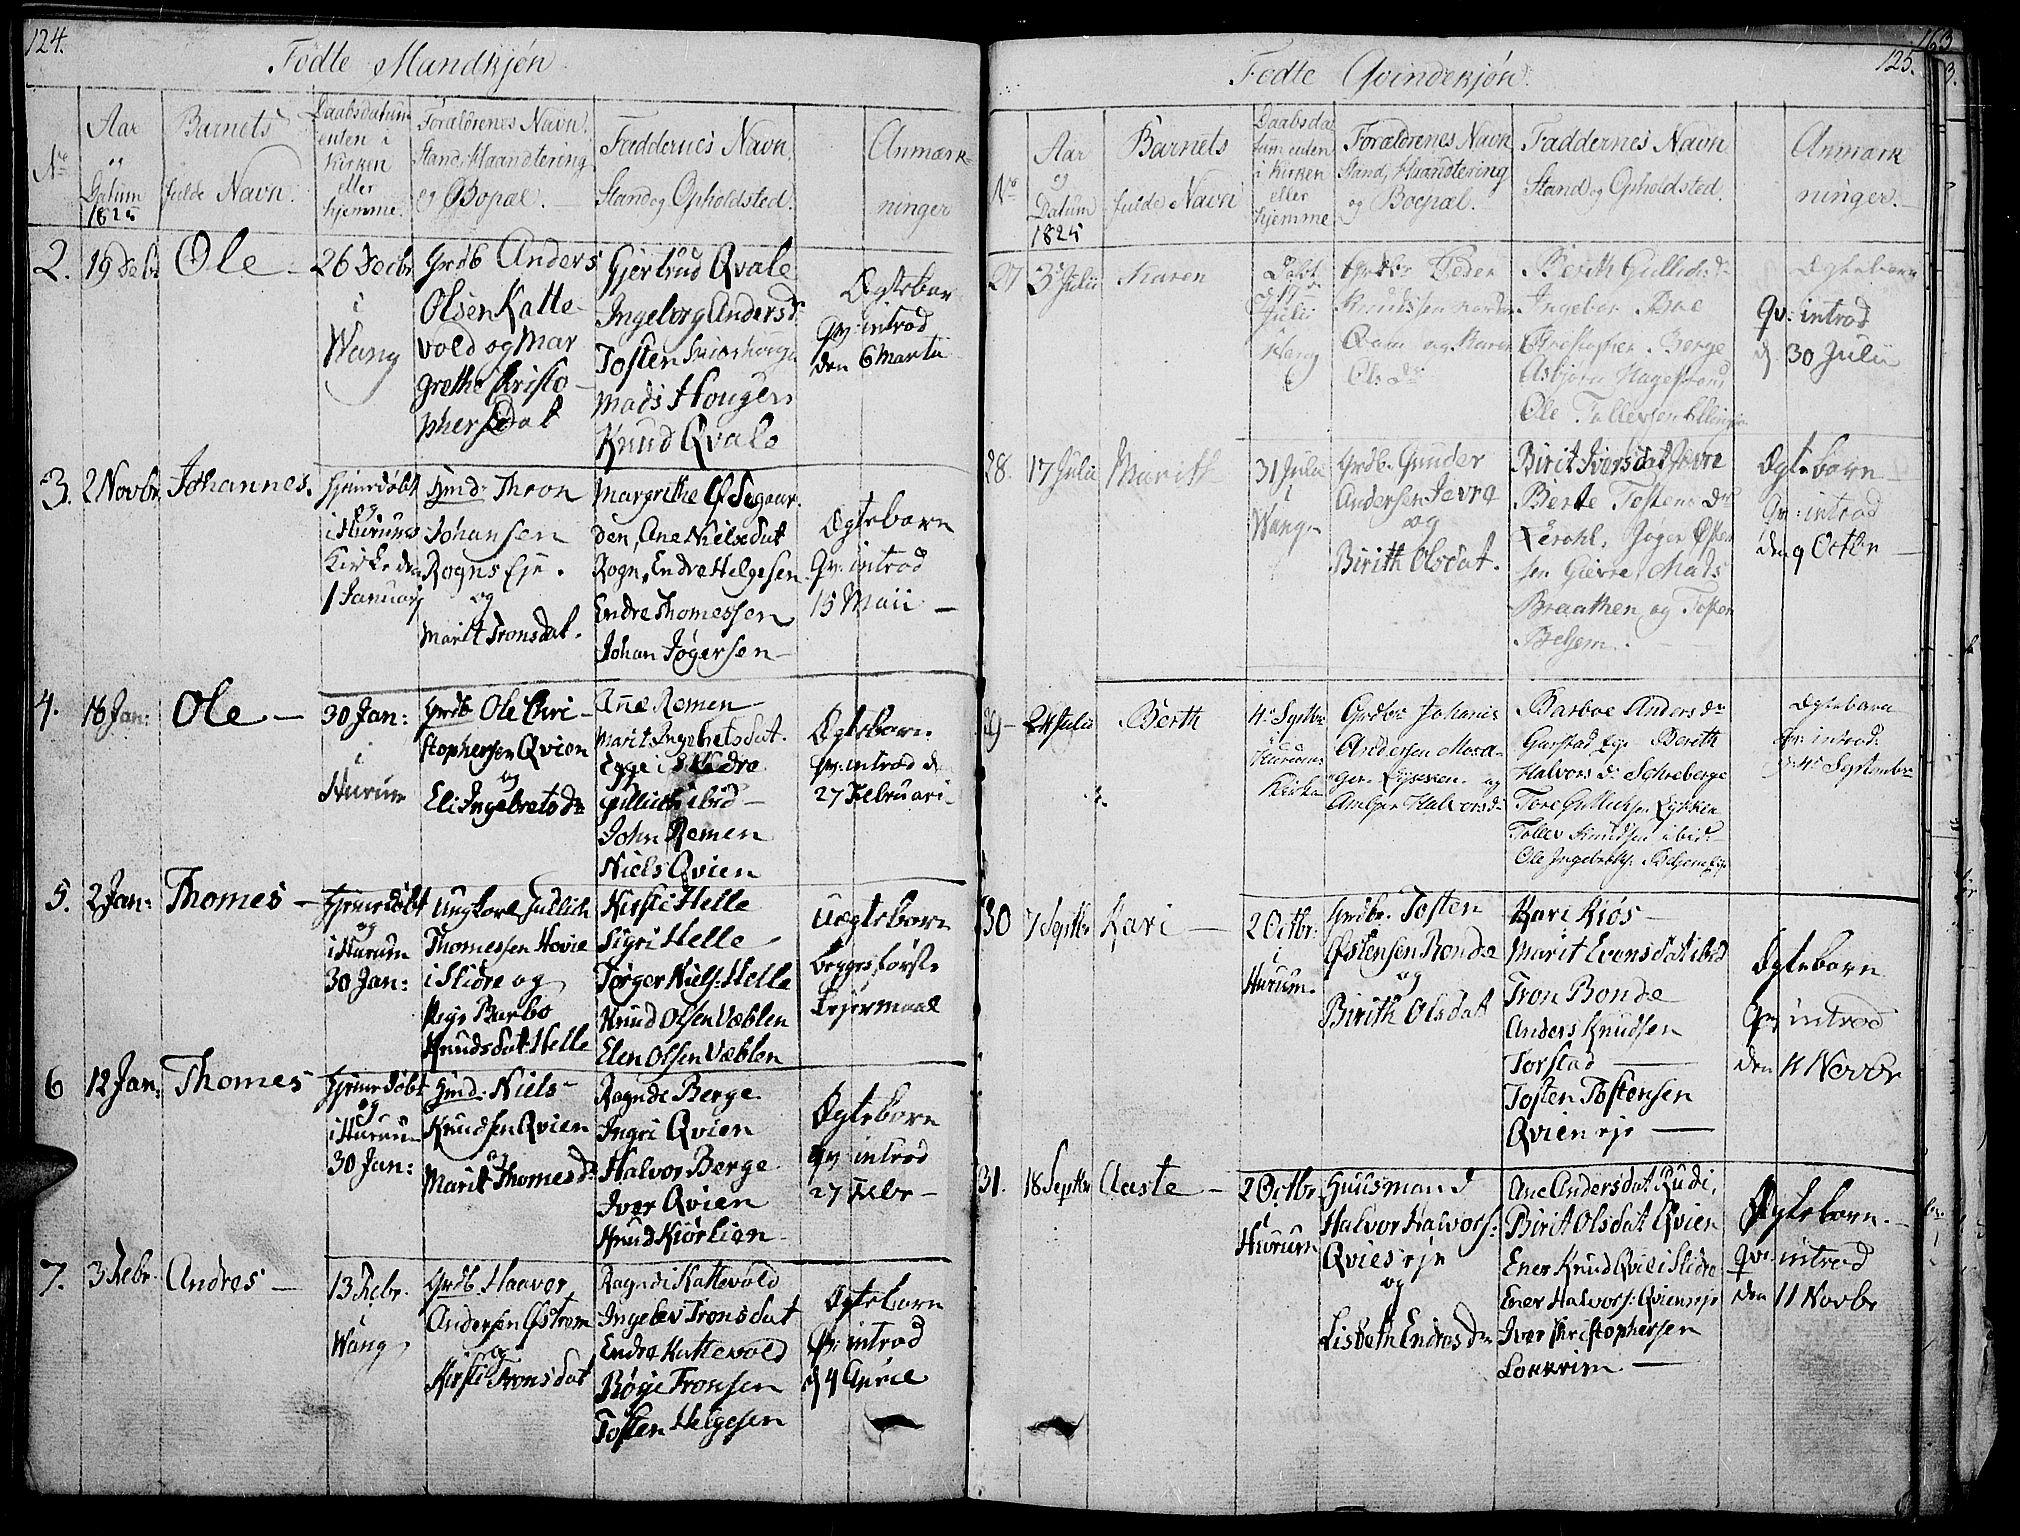 SAH, Vang prestekontor, Valdres, Ministerialbok nr. 3, 1809-1831, s. 124-125